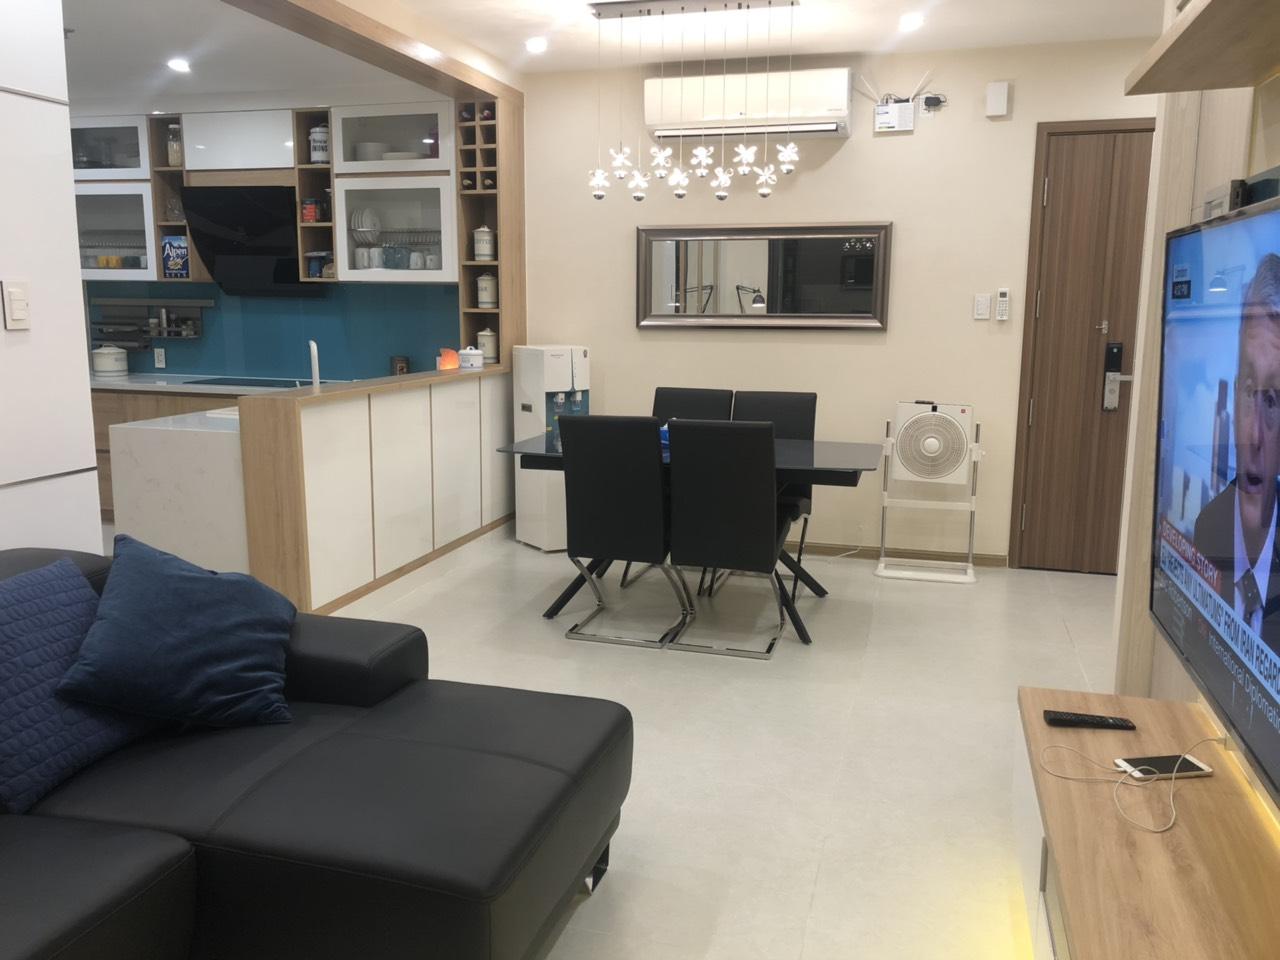 Cho thuê 3 phòng ngủ New City Thủ Thiêm - ID 010042